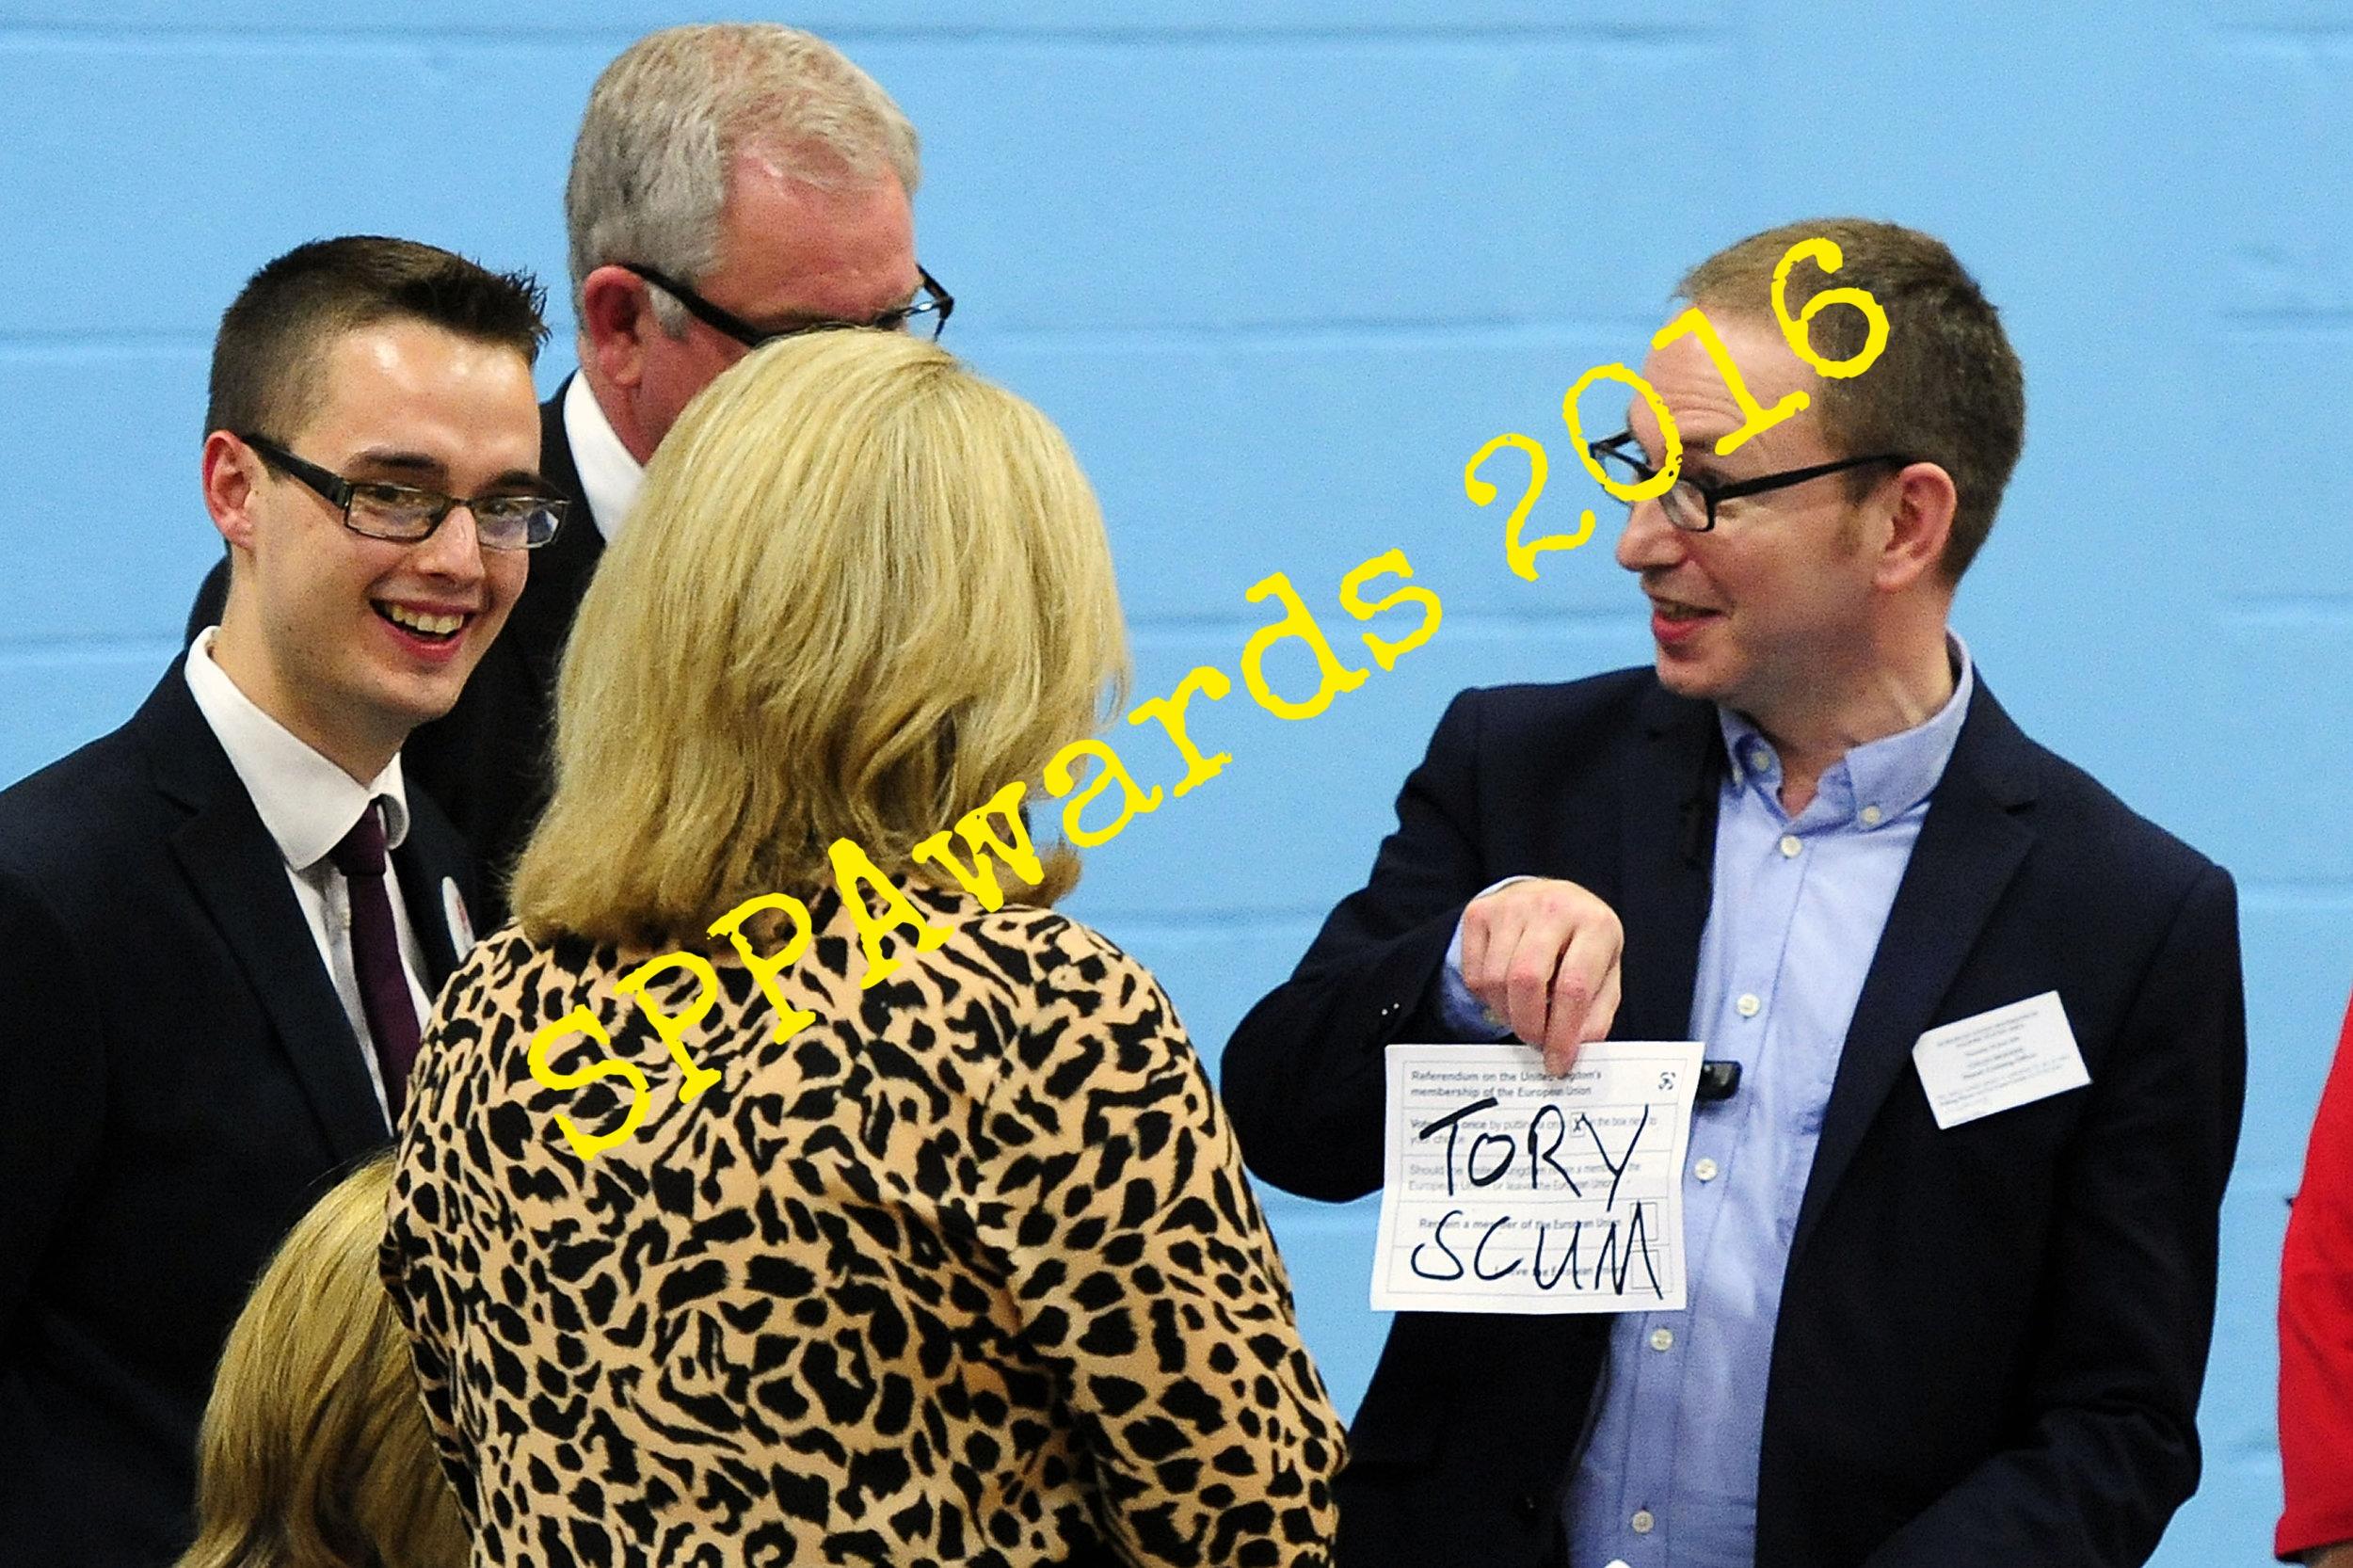 Politics spoilt ballot paper Tory Scum.jpg